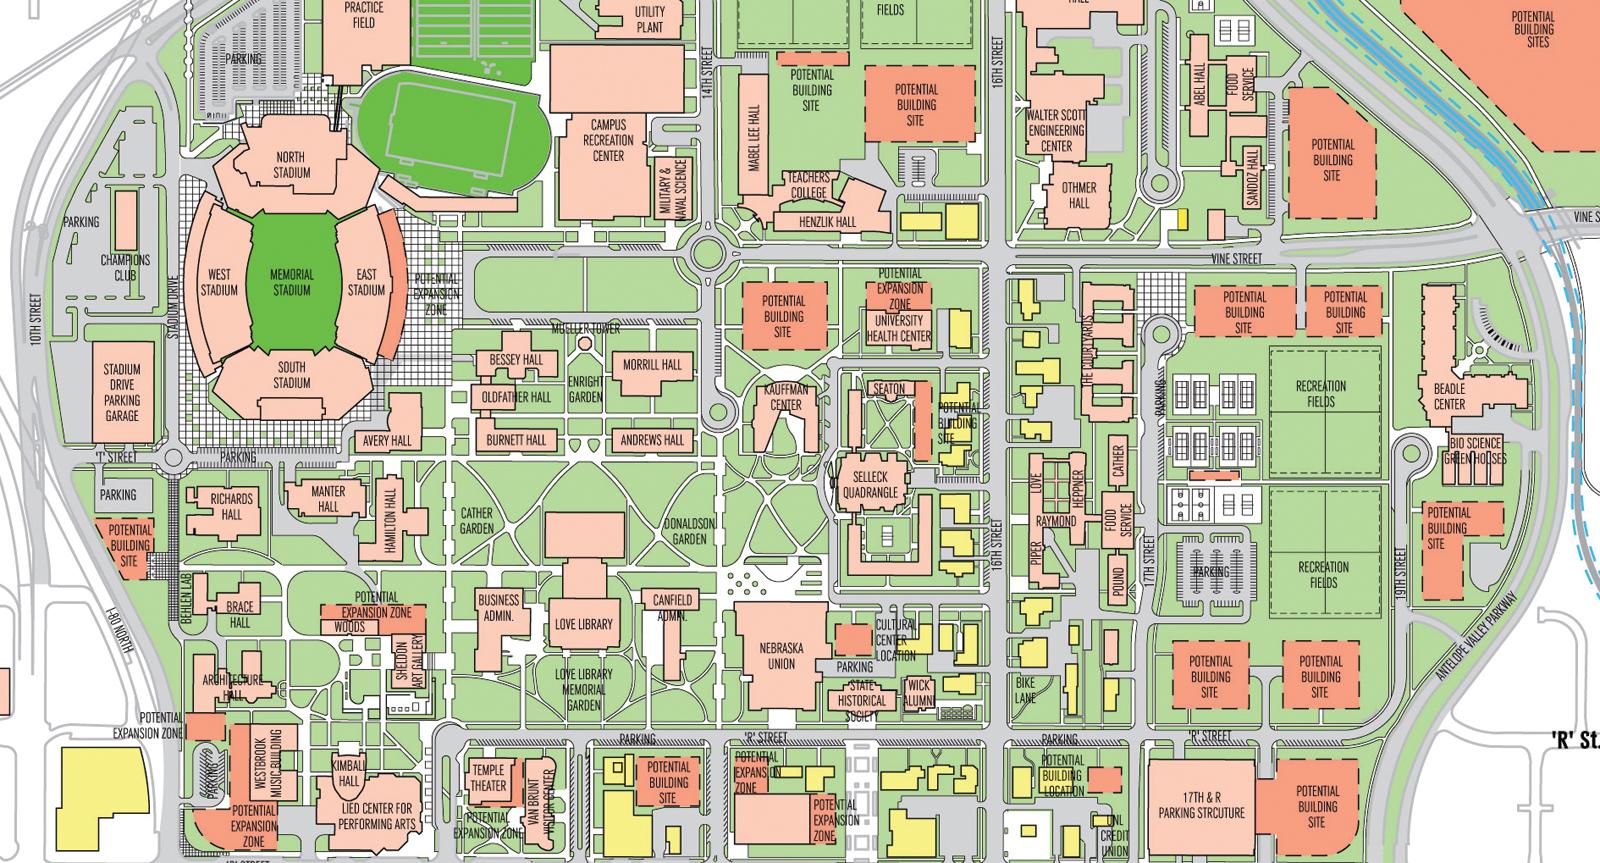 Unl Campus Map   CYNDIIMENNA